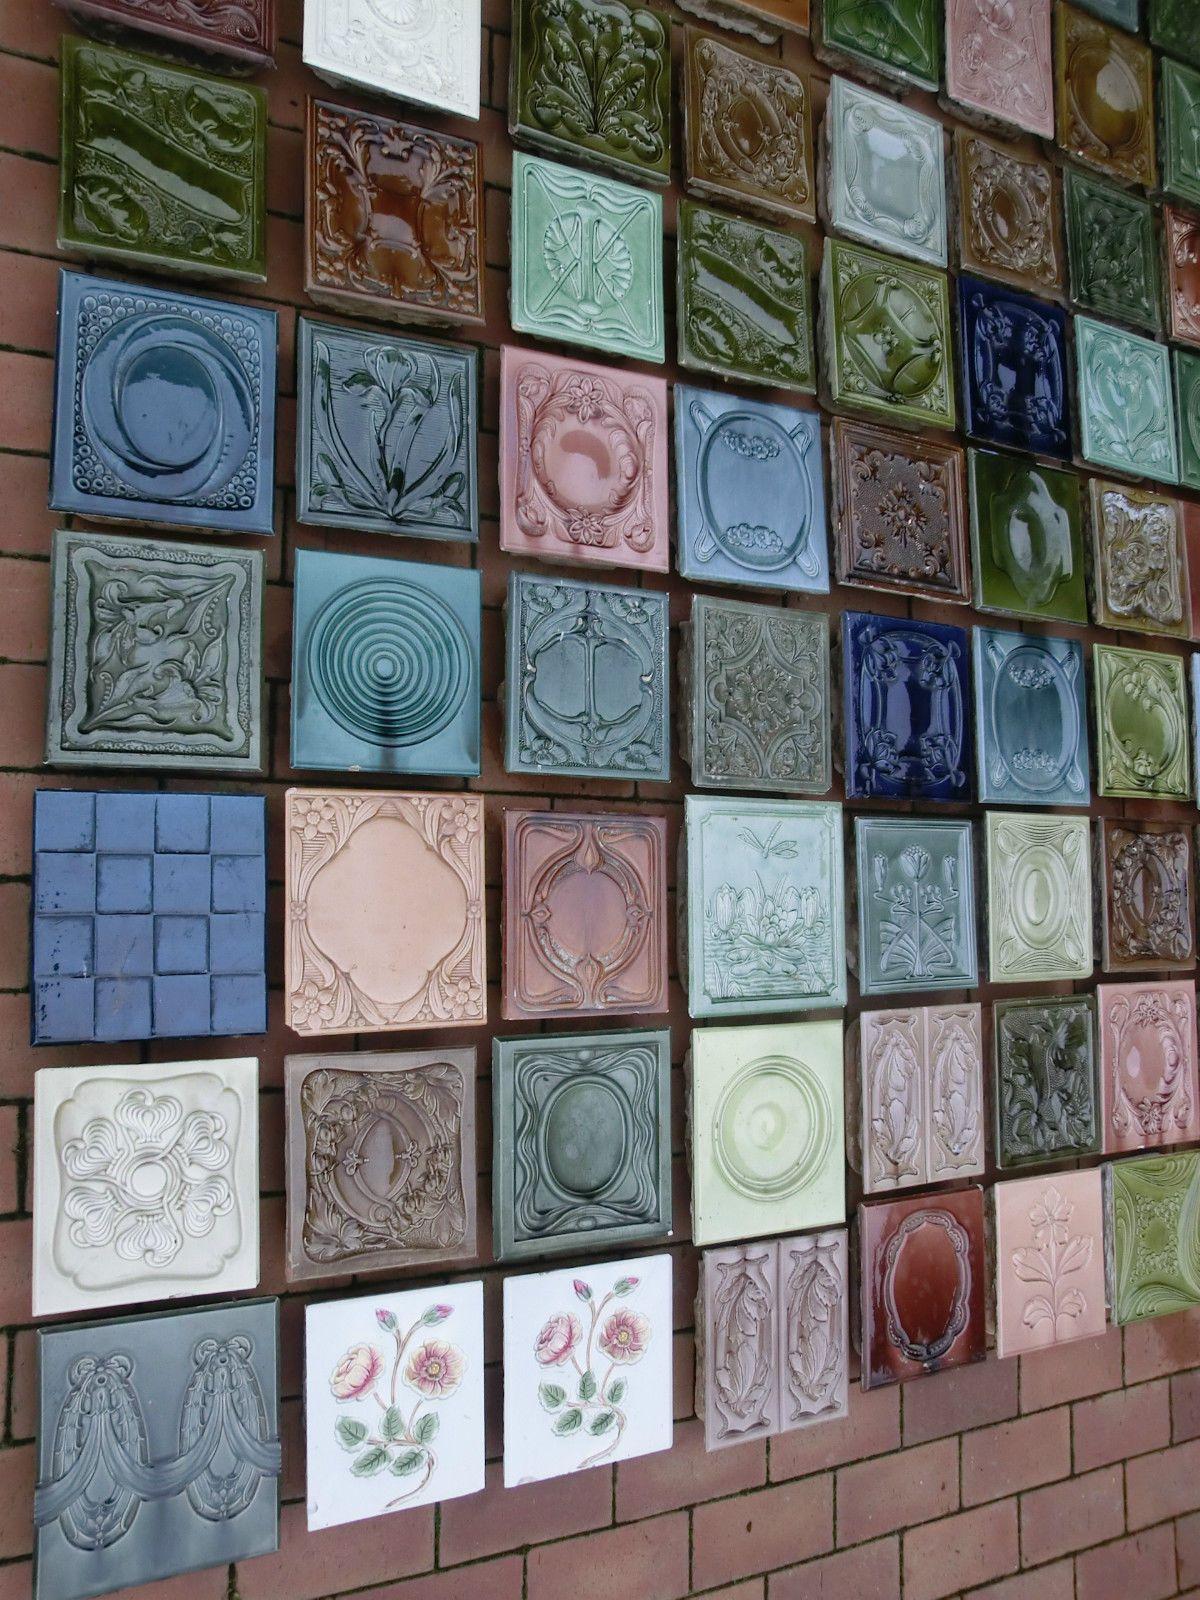 108 Stück verschiedene antike Ofenkacheln vom Kachelofen Kachelwand ...